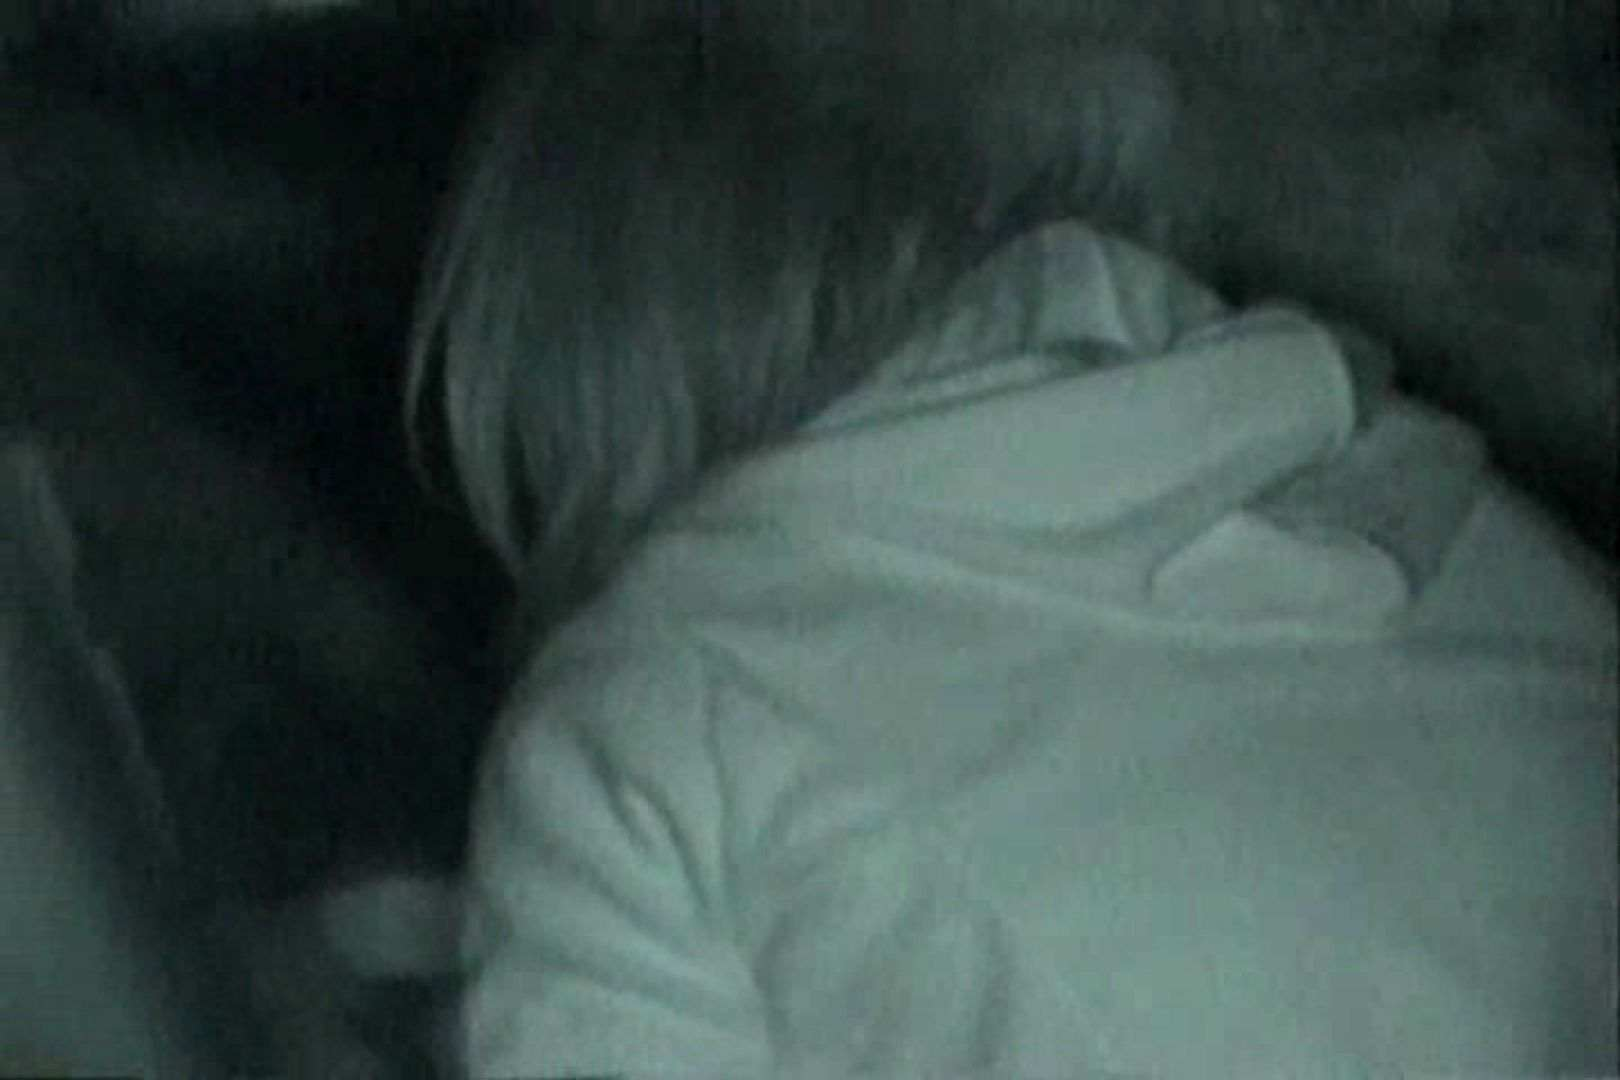 充血監督の深夜の運動会Vol.126 OLセックス 盗撮オメコ無修正動画無料 84画像 46